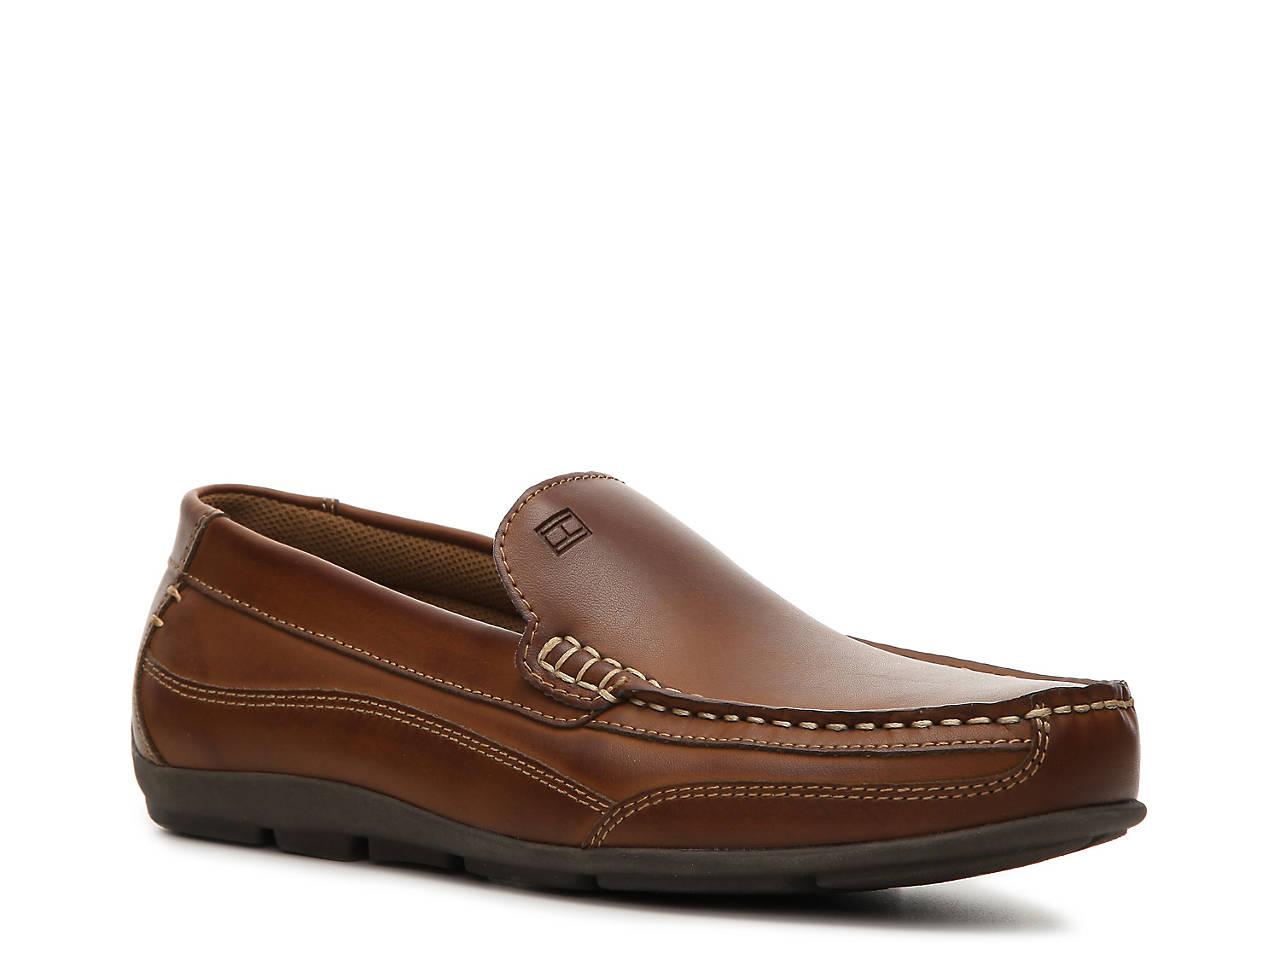 cd2c82f2f18f0b Tommy Hilfiger Dathan Loafer Men s Shoes